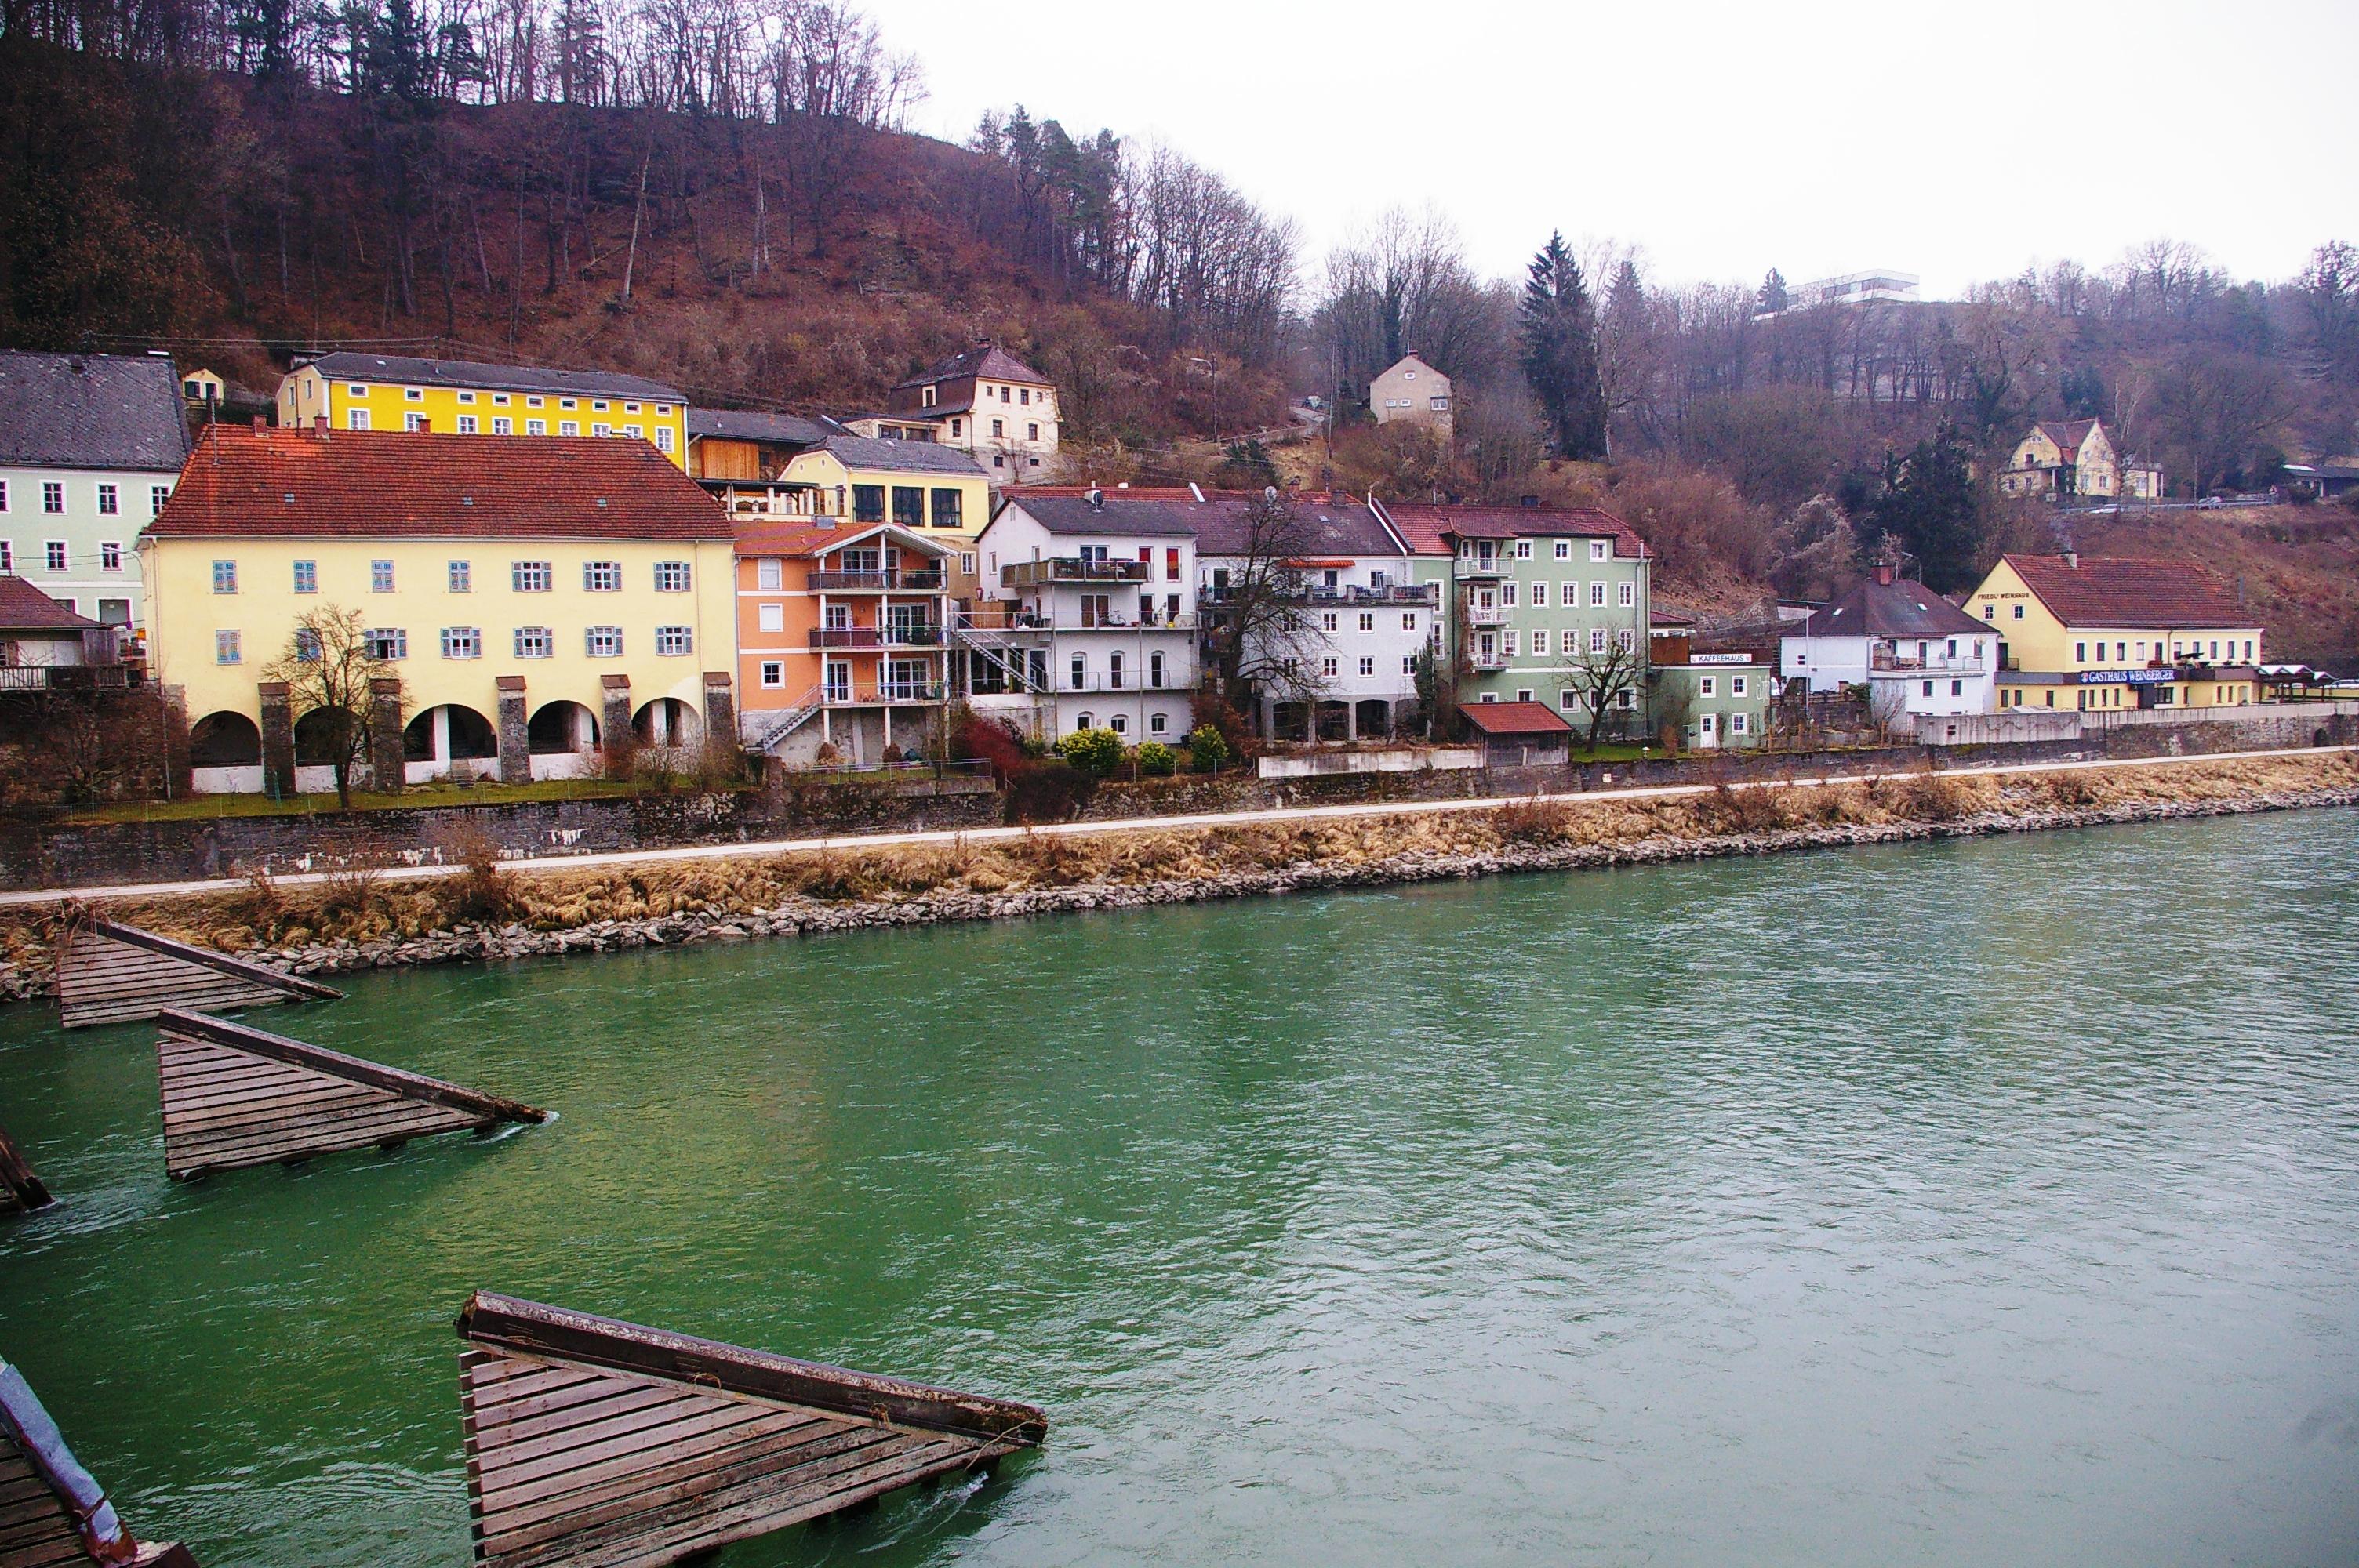 Treffen frauen aus hochburg-ach - Trumau dating service